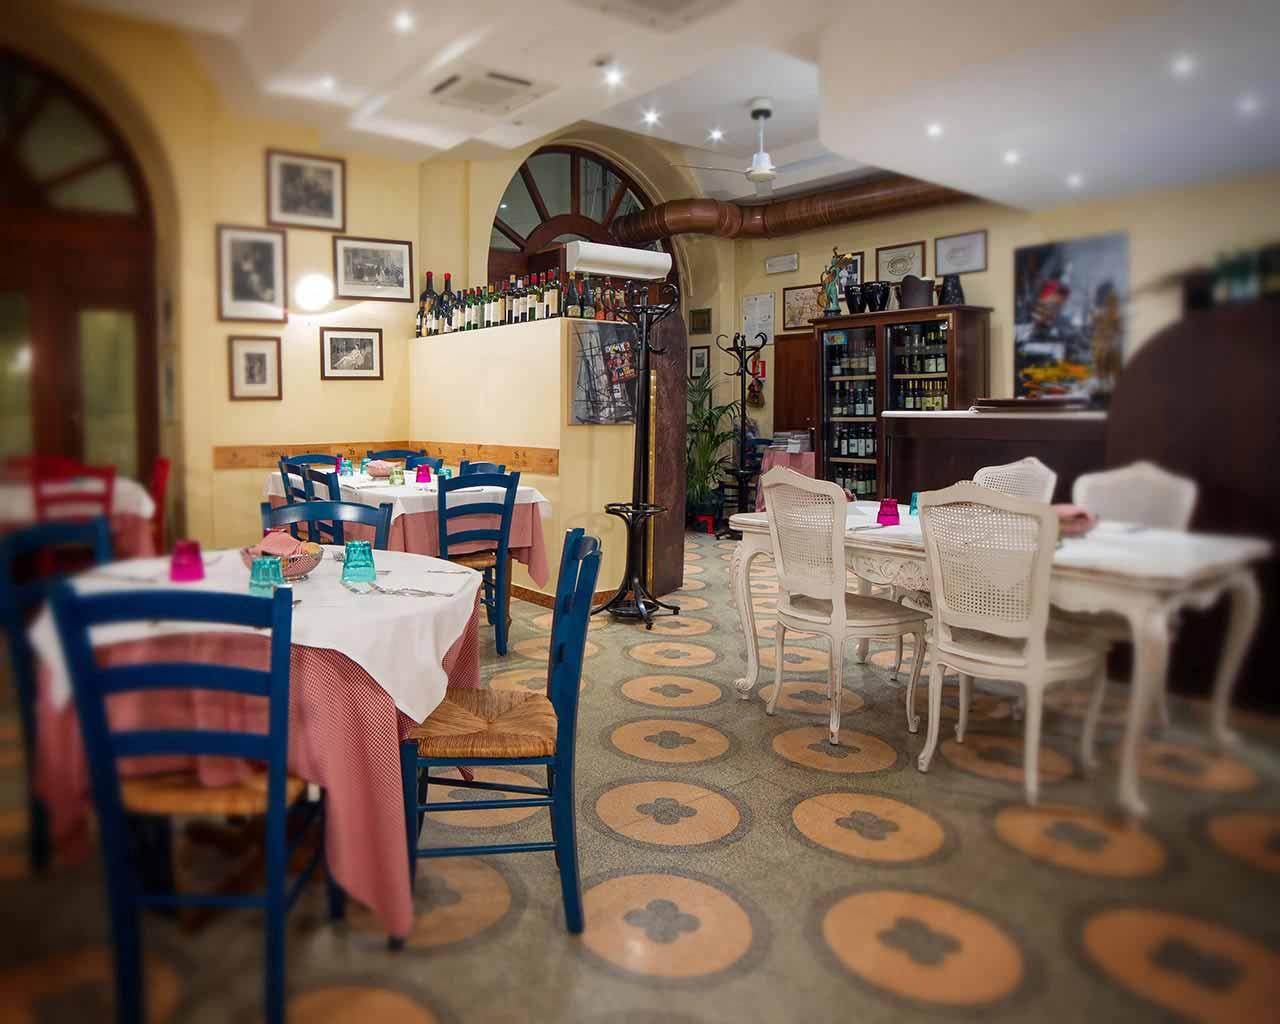 Osteria giulietta e romeo cucina tipica tradizionale verona veneto - E cucina verona ...